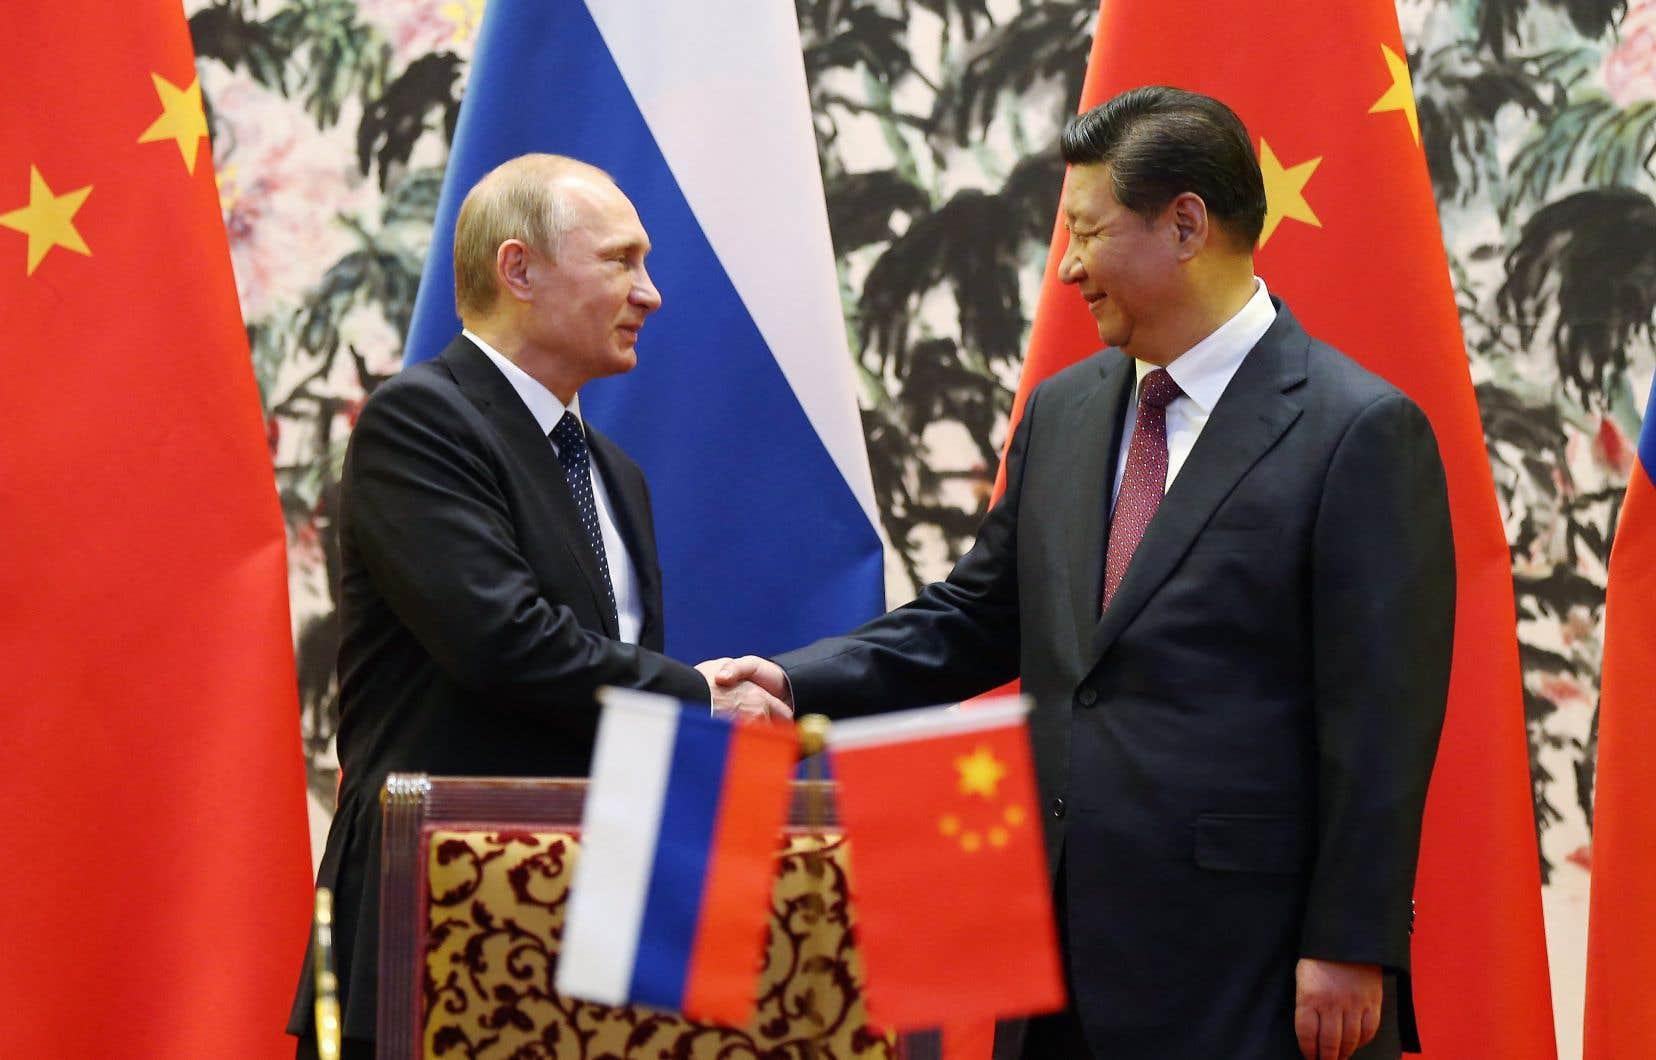 Il est douteux que la Russie et la Chine rendent aux États-Unis le service de se laisser séparer, tellement elles sont convergentes, estime l'auteur.